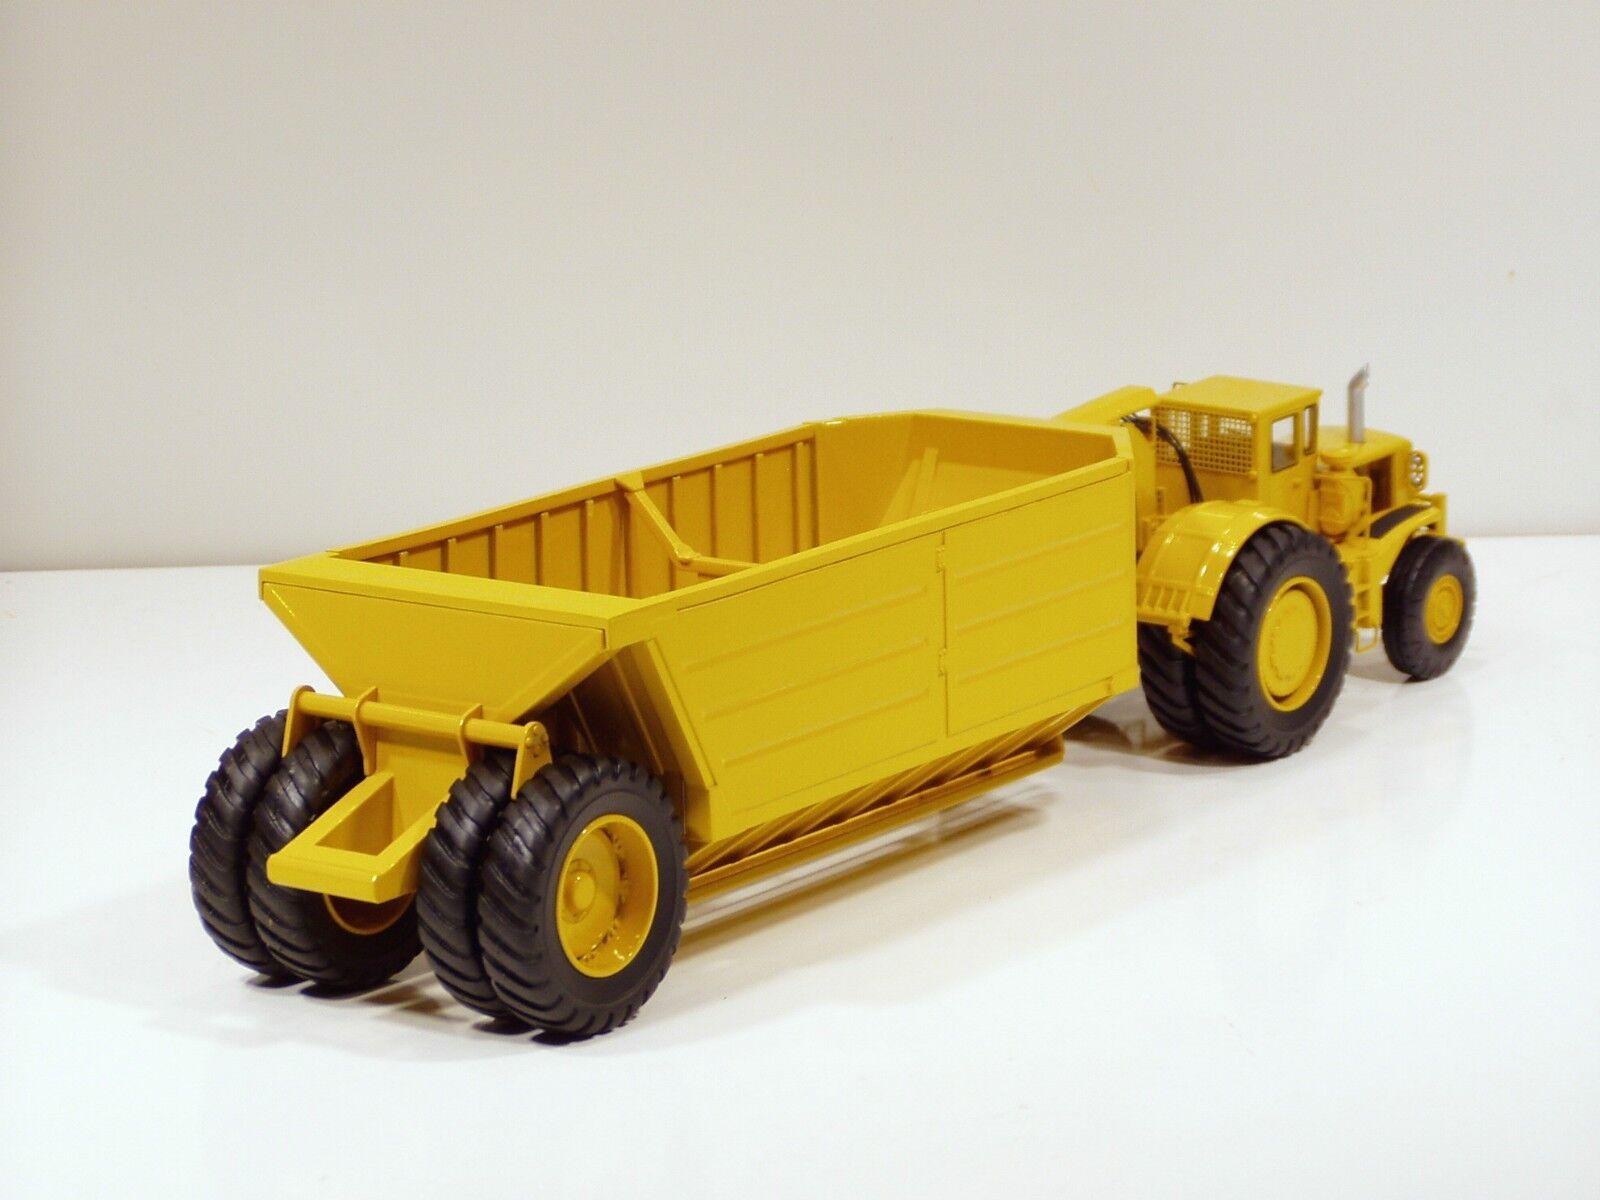 Caterpillar 660 Coal Hauler Truck - 1/48 - CCM - Diecast